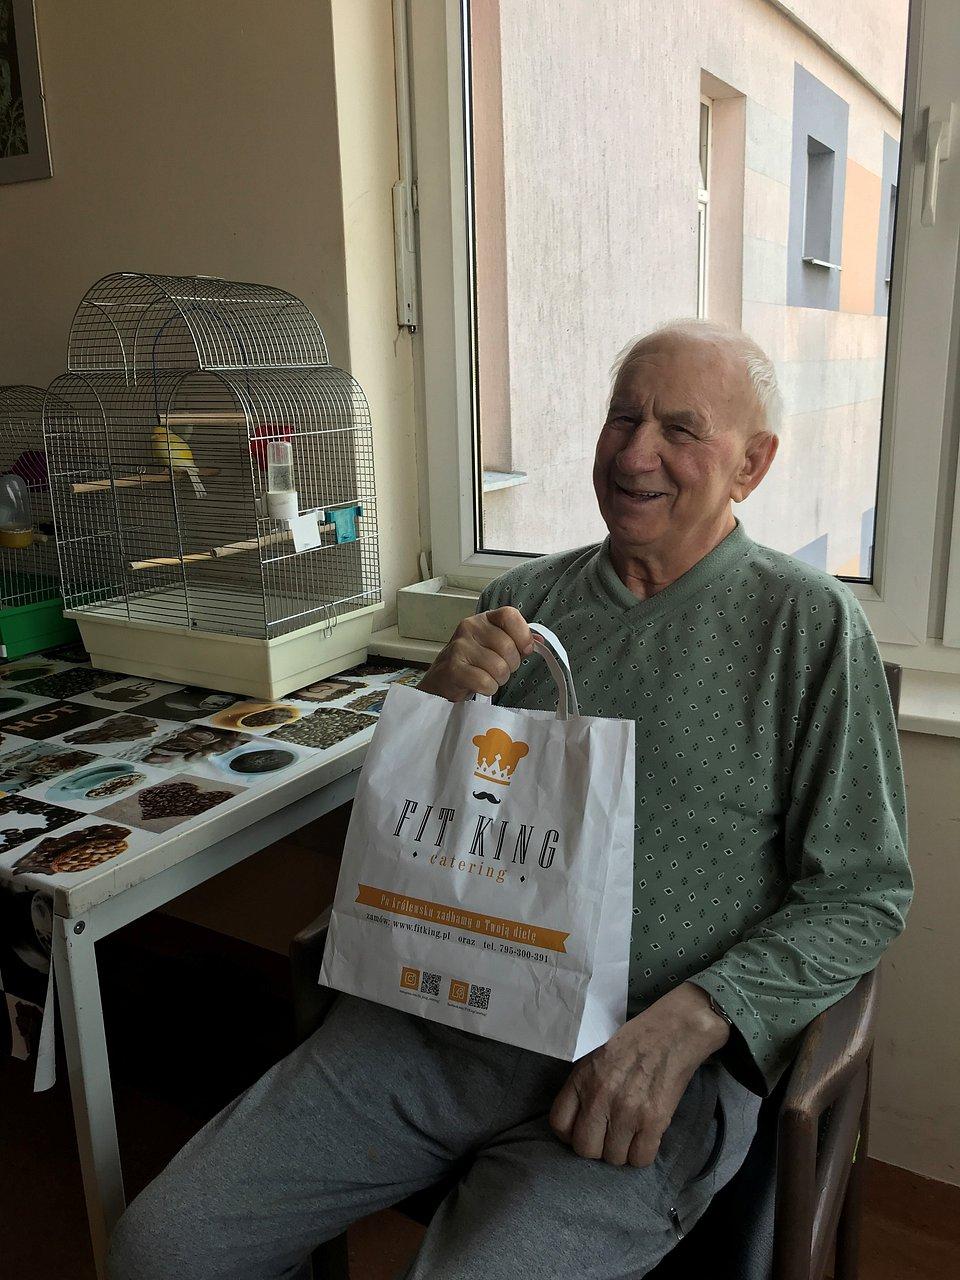 Pan Ignacy ze swoimi zdrowymi posiłkami. Fot. FitKing Catering